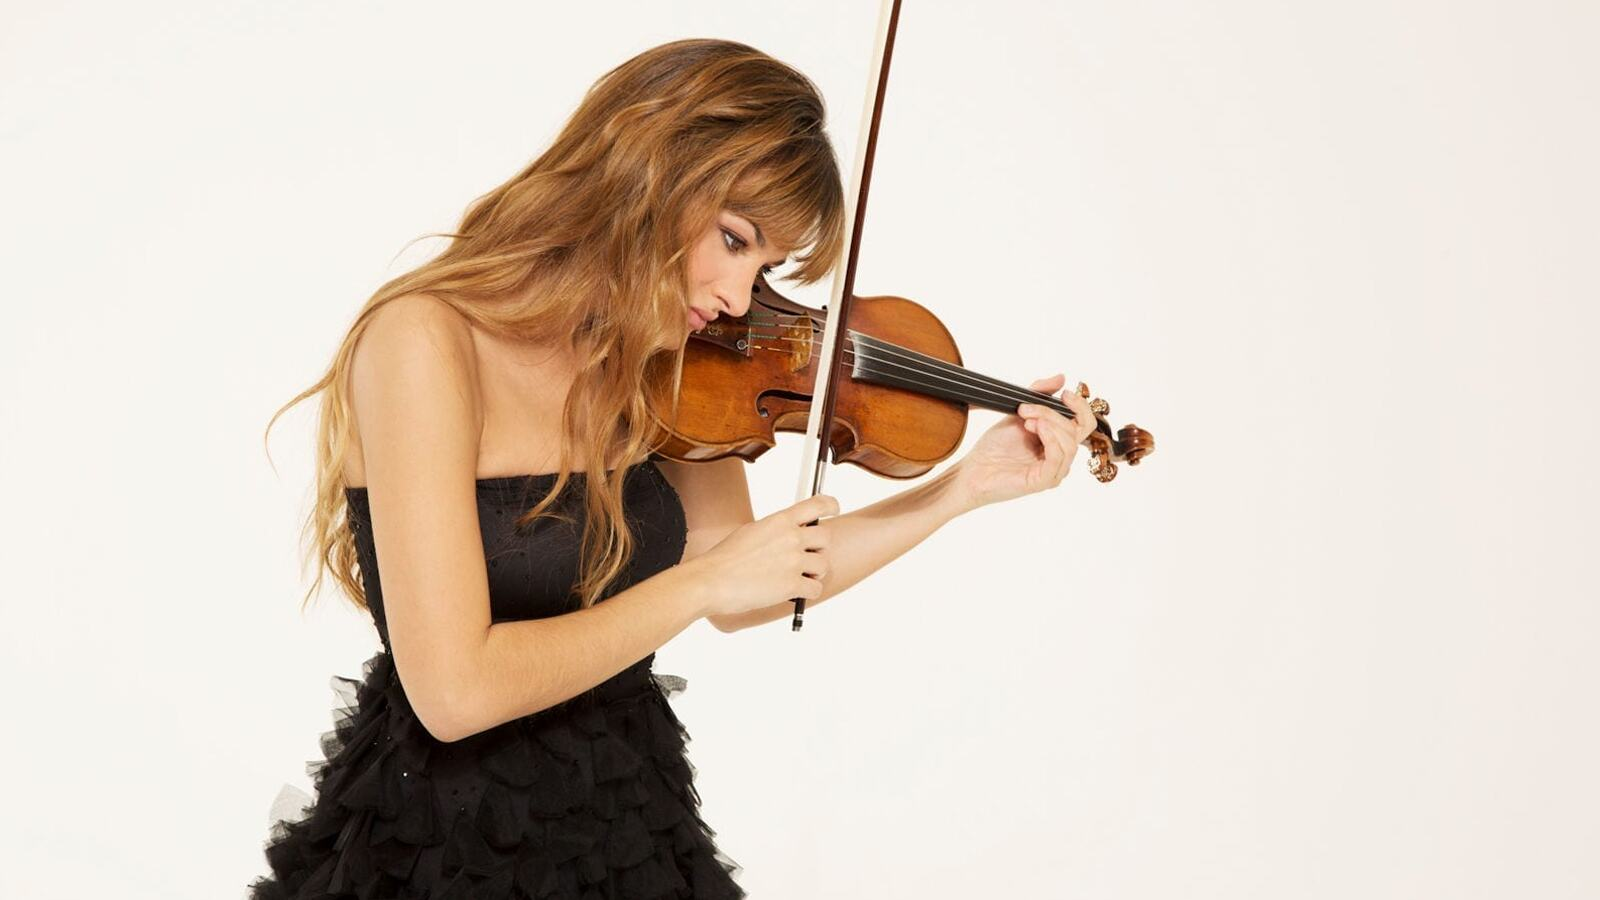 Nicola Benedetti, violinist